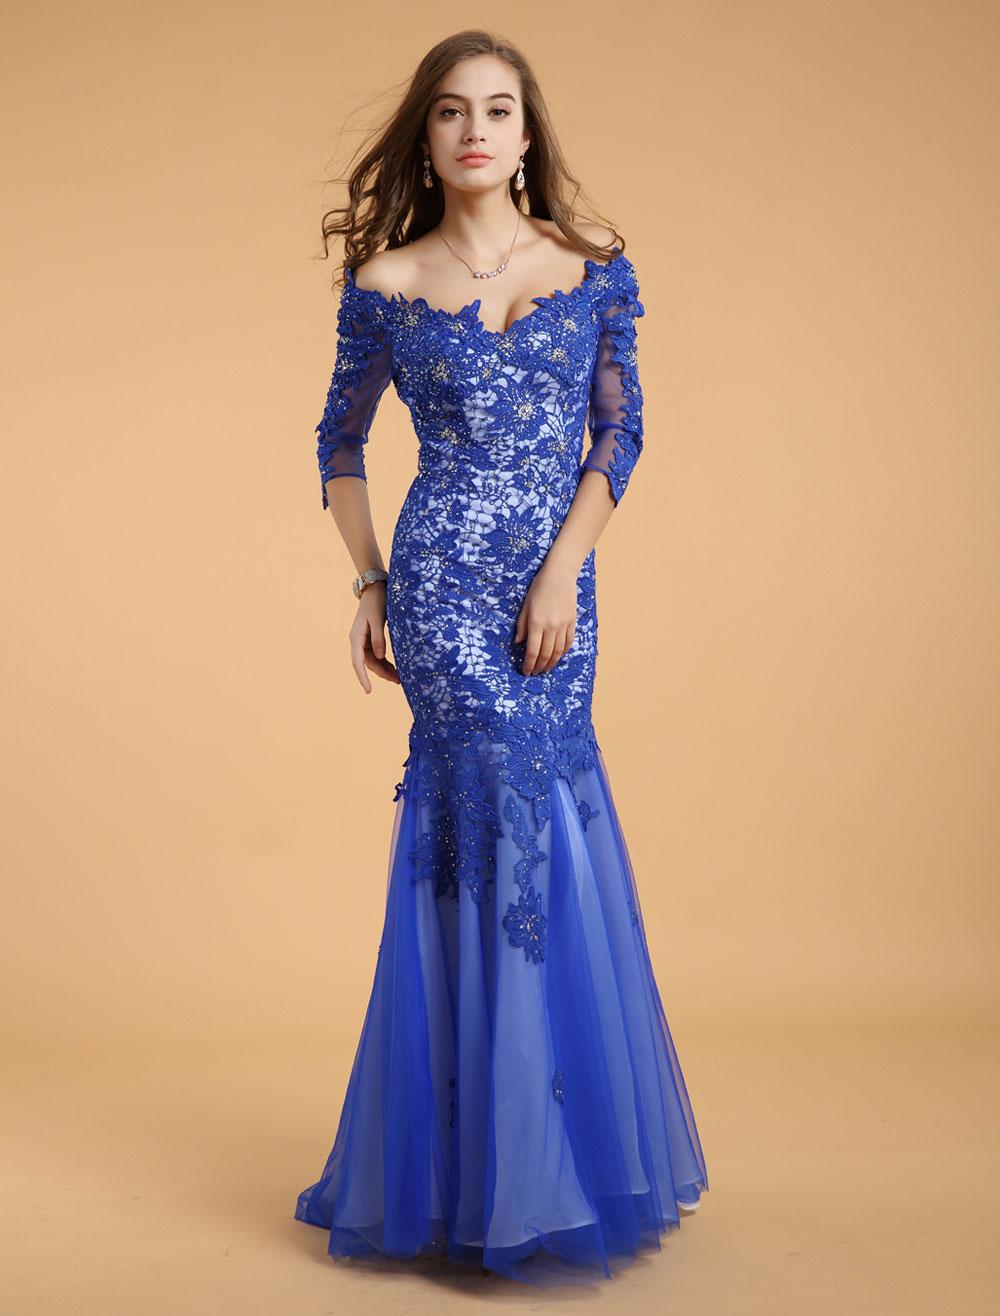 Robe de soir e sir ne en dentelle bleue royale col for Robe bleue royale pour mariage